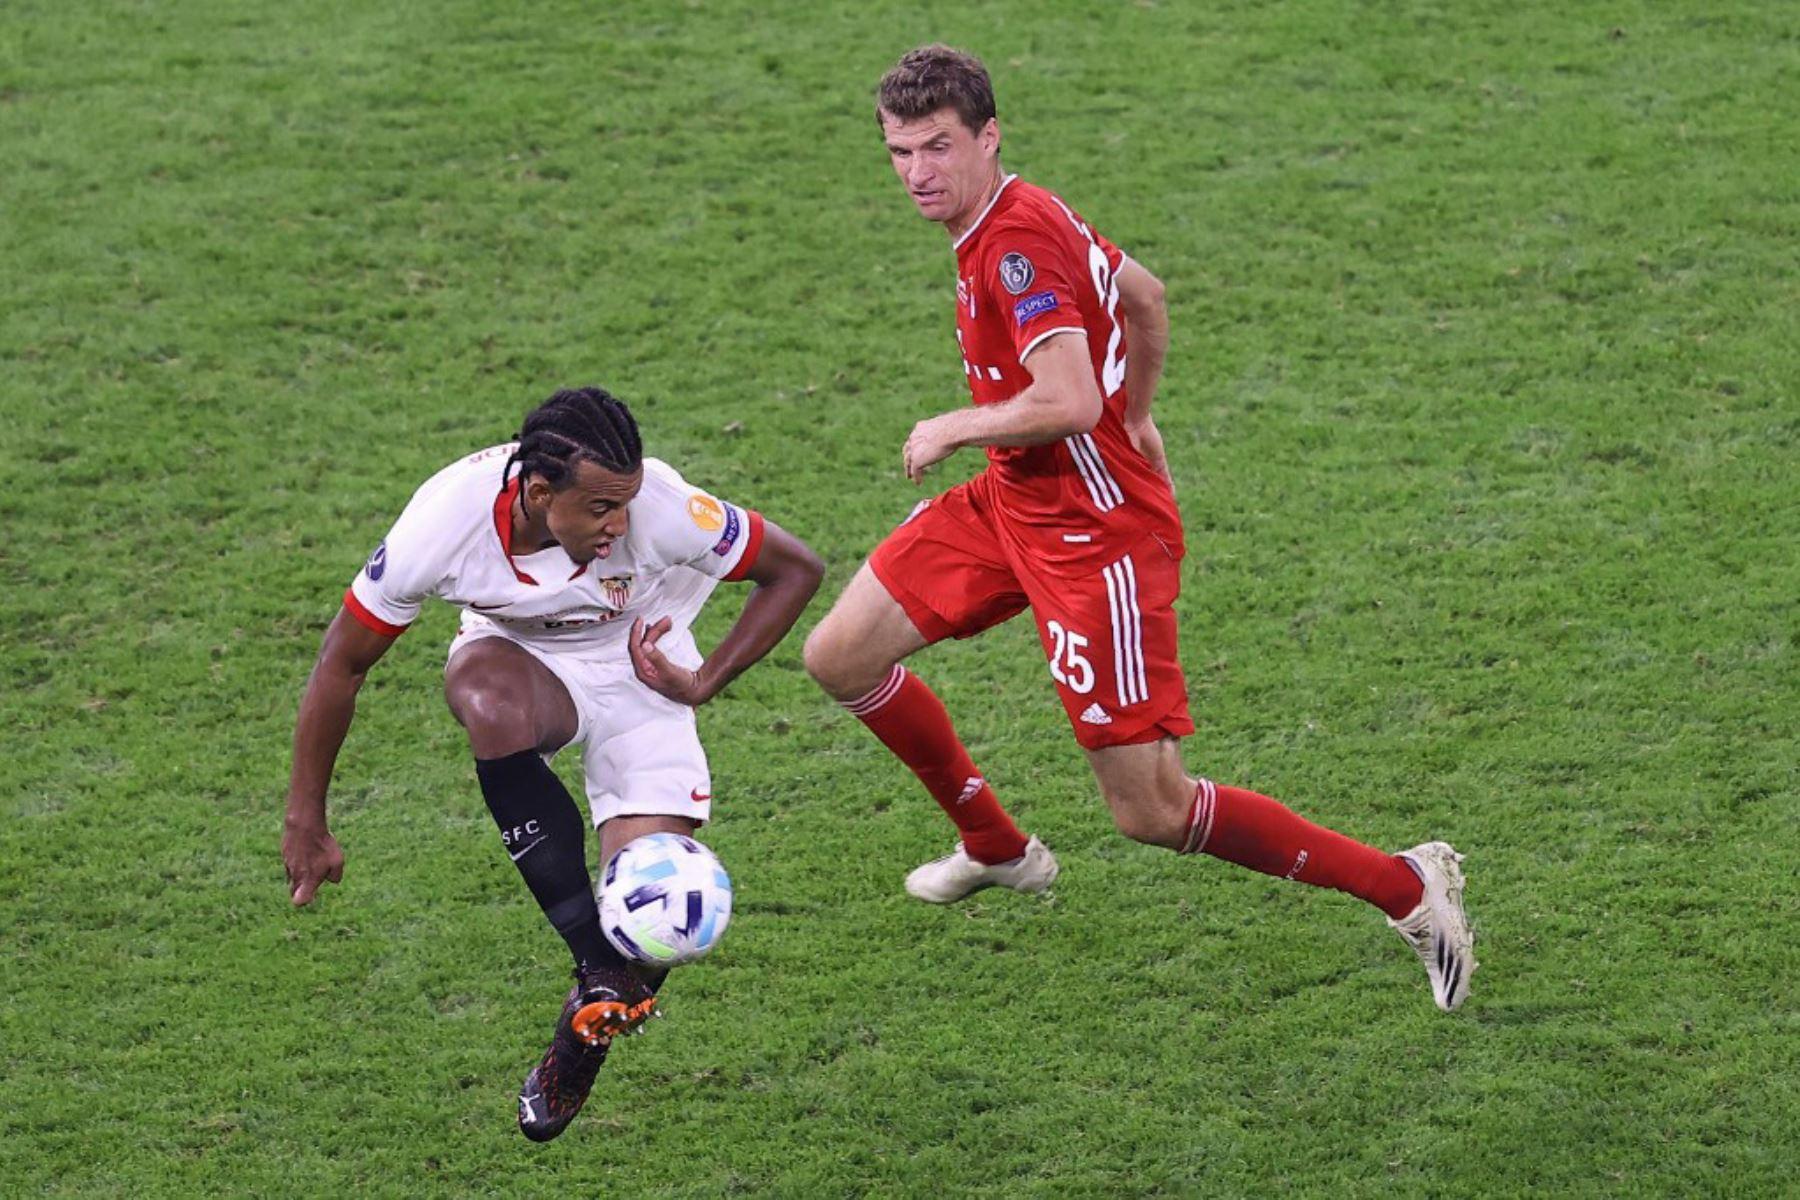 El defensor francés del Sevilla Jules Kounde y el delantero alemán del Bayern Munich Thomas Mueller compiten por el balón durante el partido de fútbol de la Supercopa de la UEFA entre el FC Bayern Munich y el Sevilla FC en el Puskas Arena en Budapest, Hungría. Foto: AFP